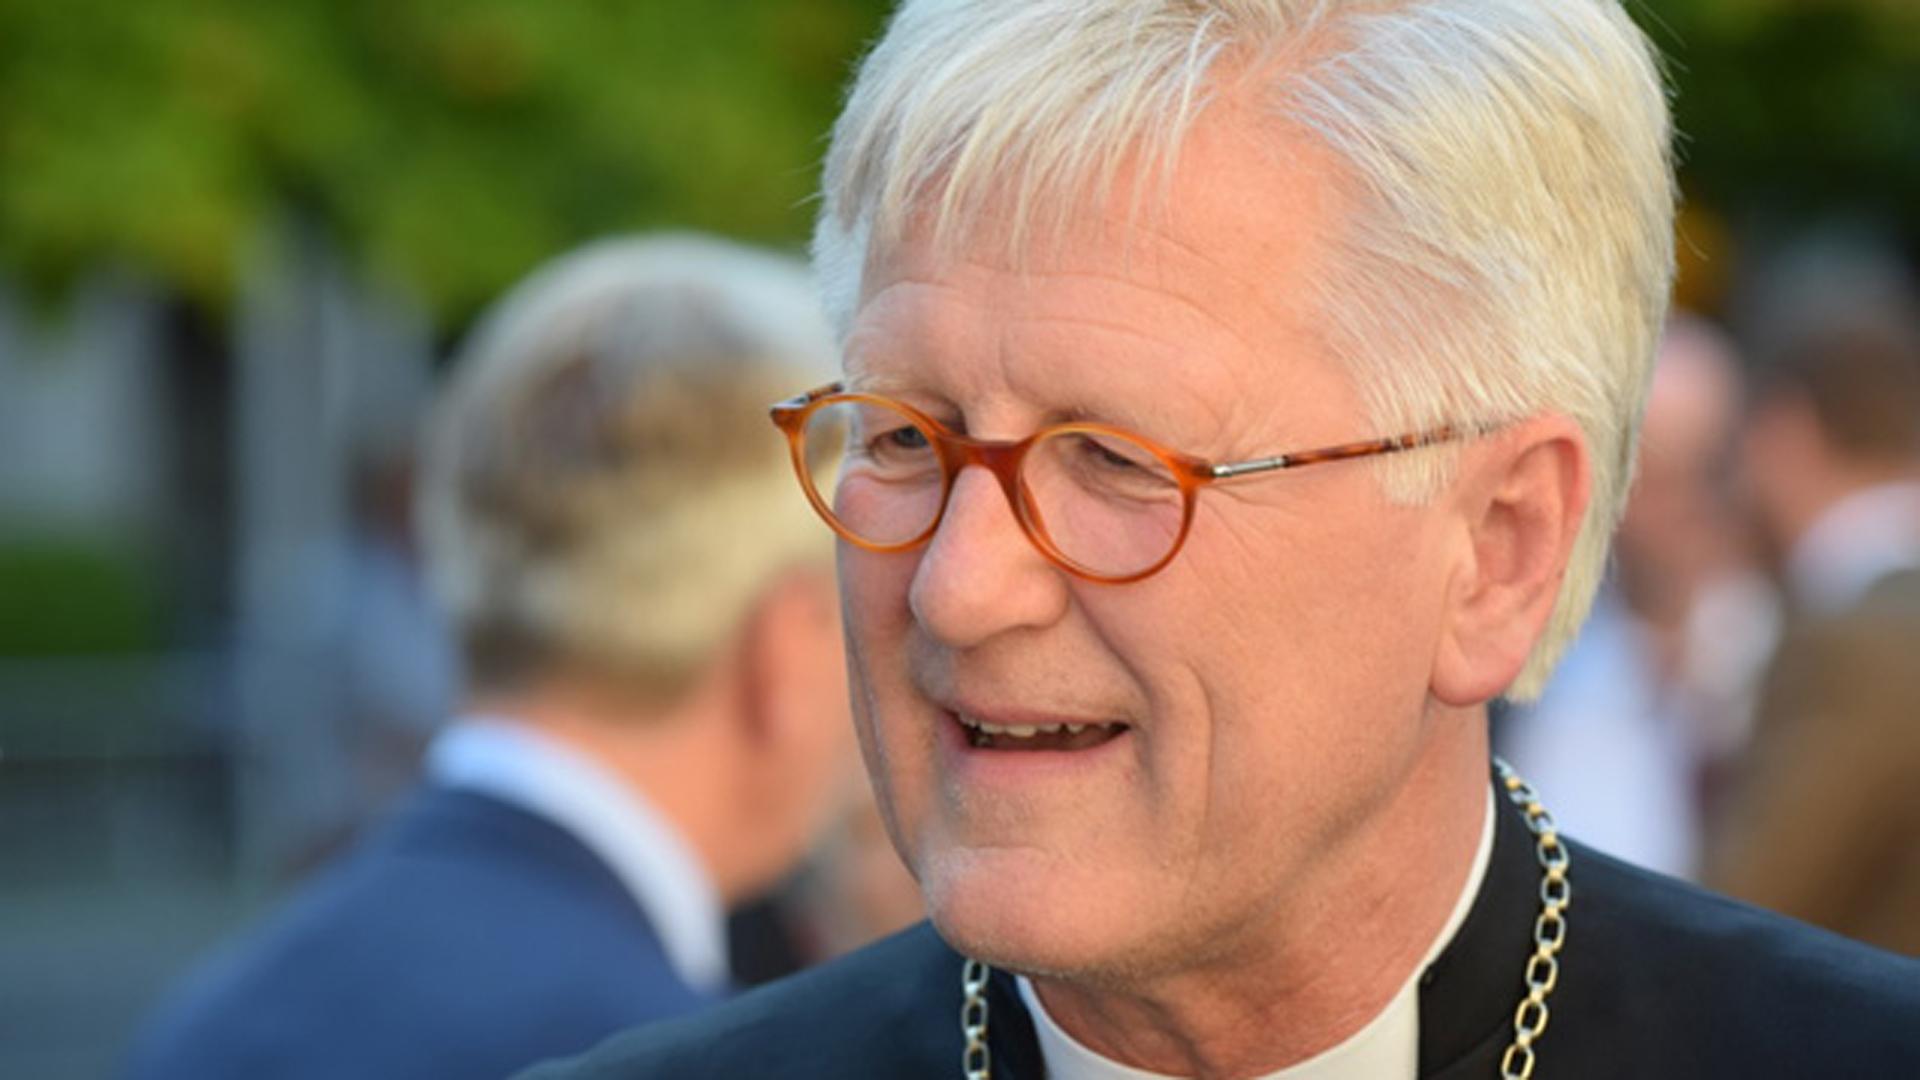 Der EKD-Ratsvorsitzende Heinrich Bedford-Strohm muss sich für die Nähe der Kirche zur Politik Kritik von dem Philosophen Horst Herrmann gefallen lassen